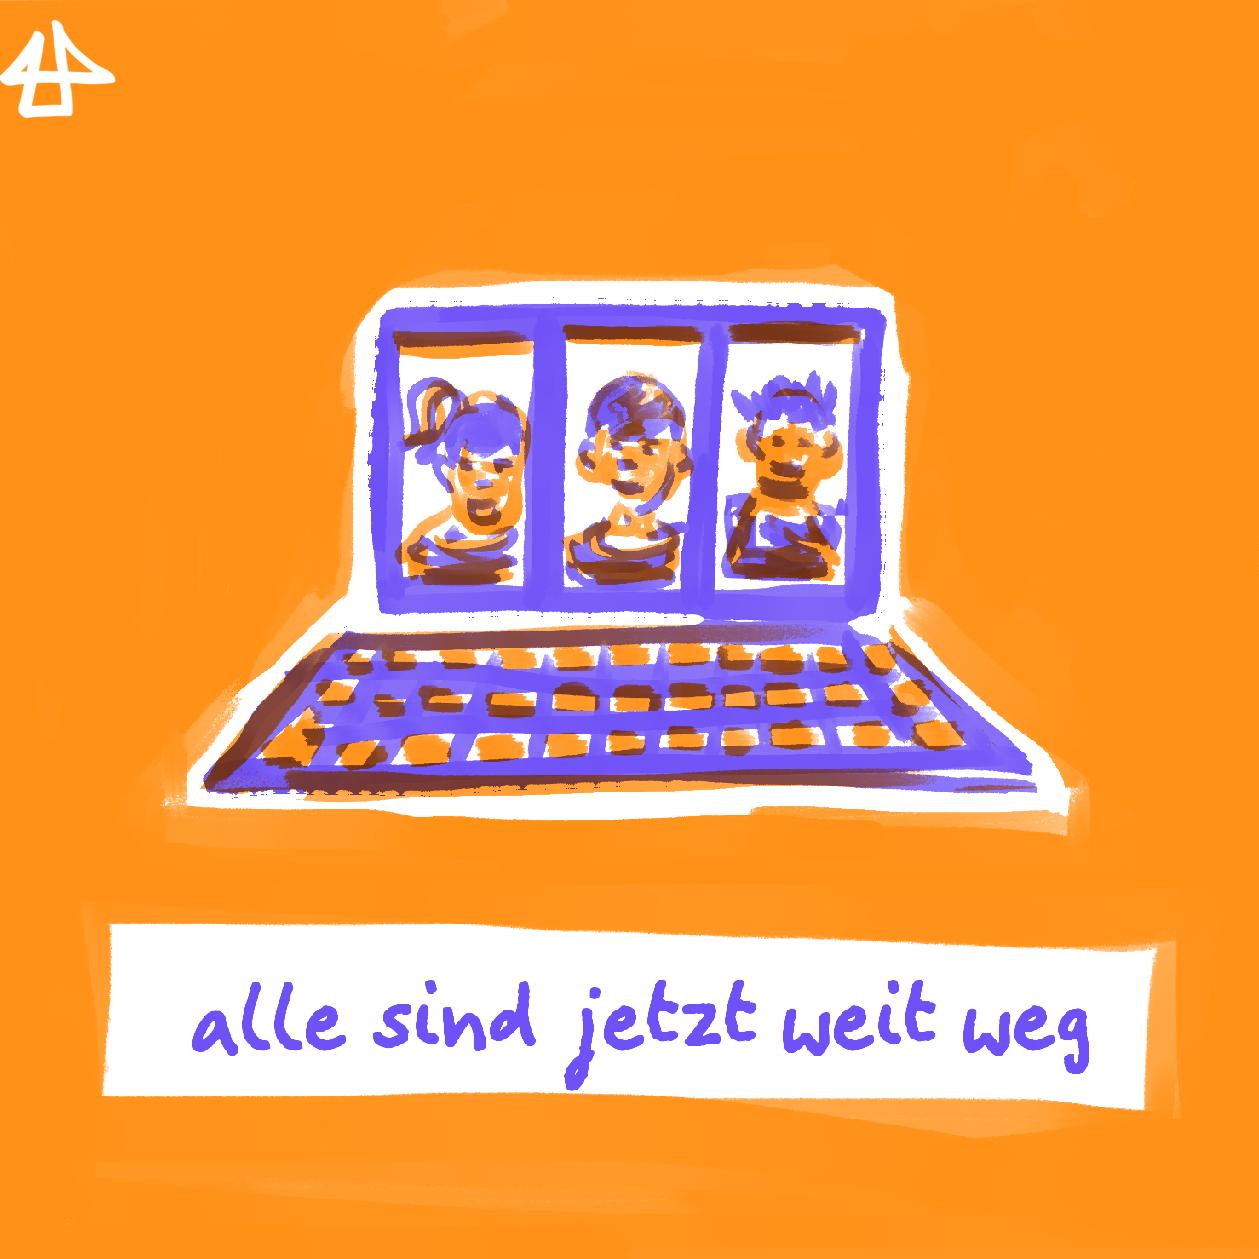 grobe blaue Zeichnung eines Laptops mit drei Menschen auf dem Bildschirm, orangener Hintergrund und Schriftzug: alle sind jetzt weit weg